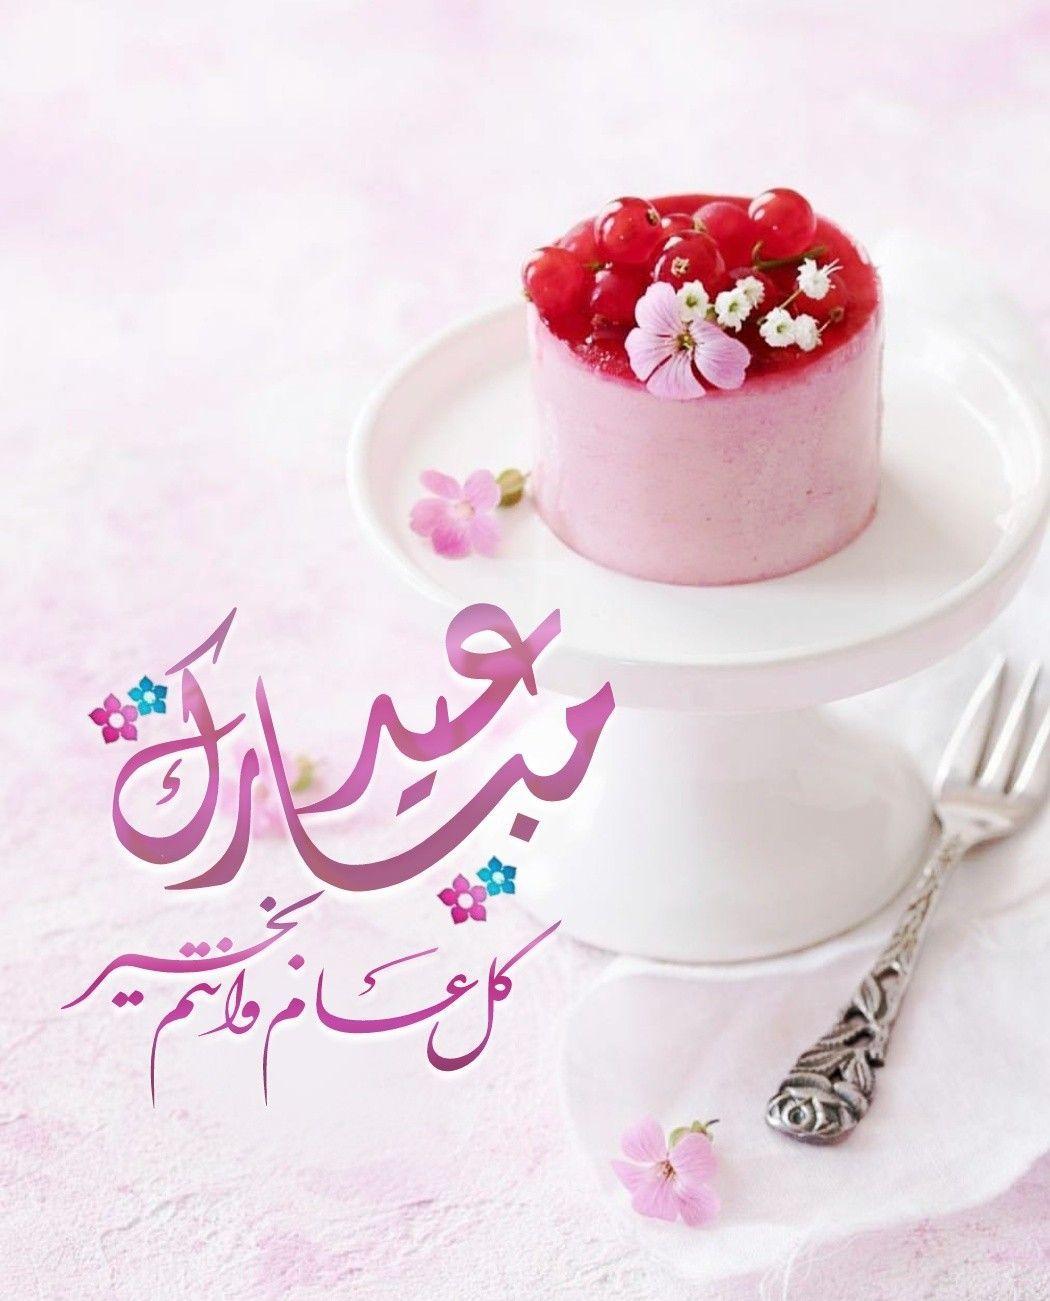 كل عام وانتم بخير Eid Decoration Happy Eid Eid Greetings